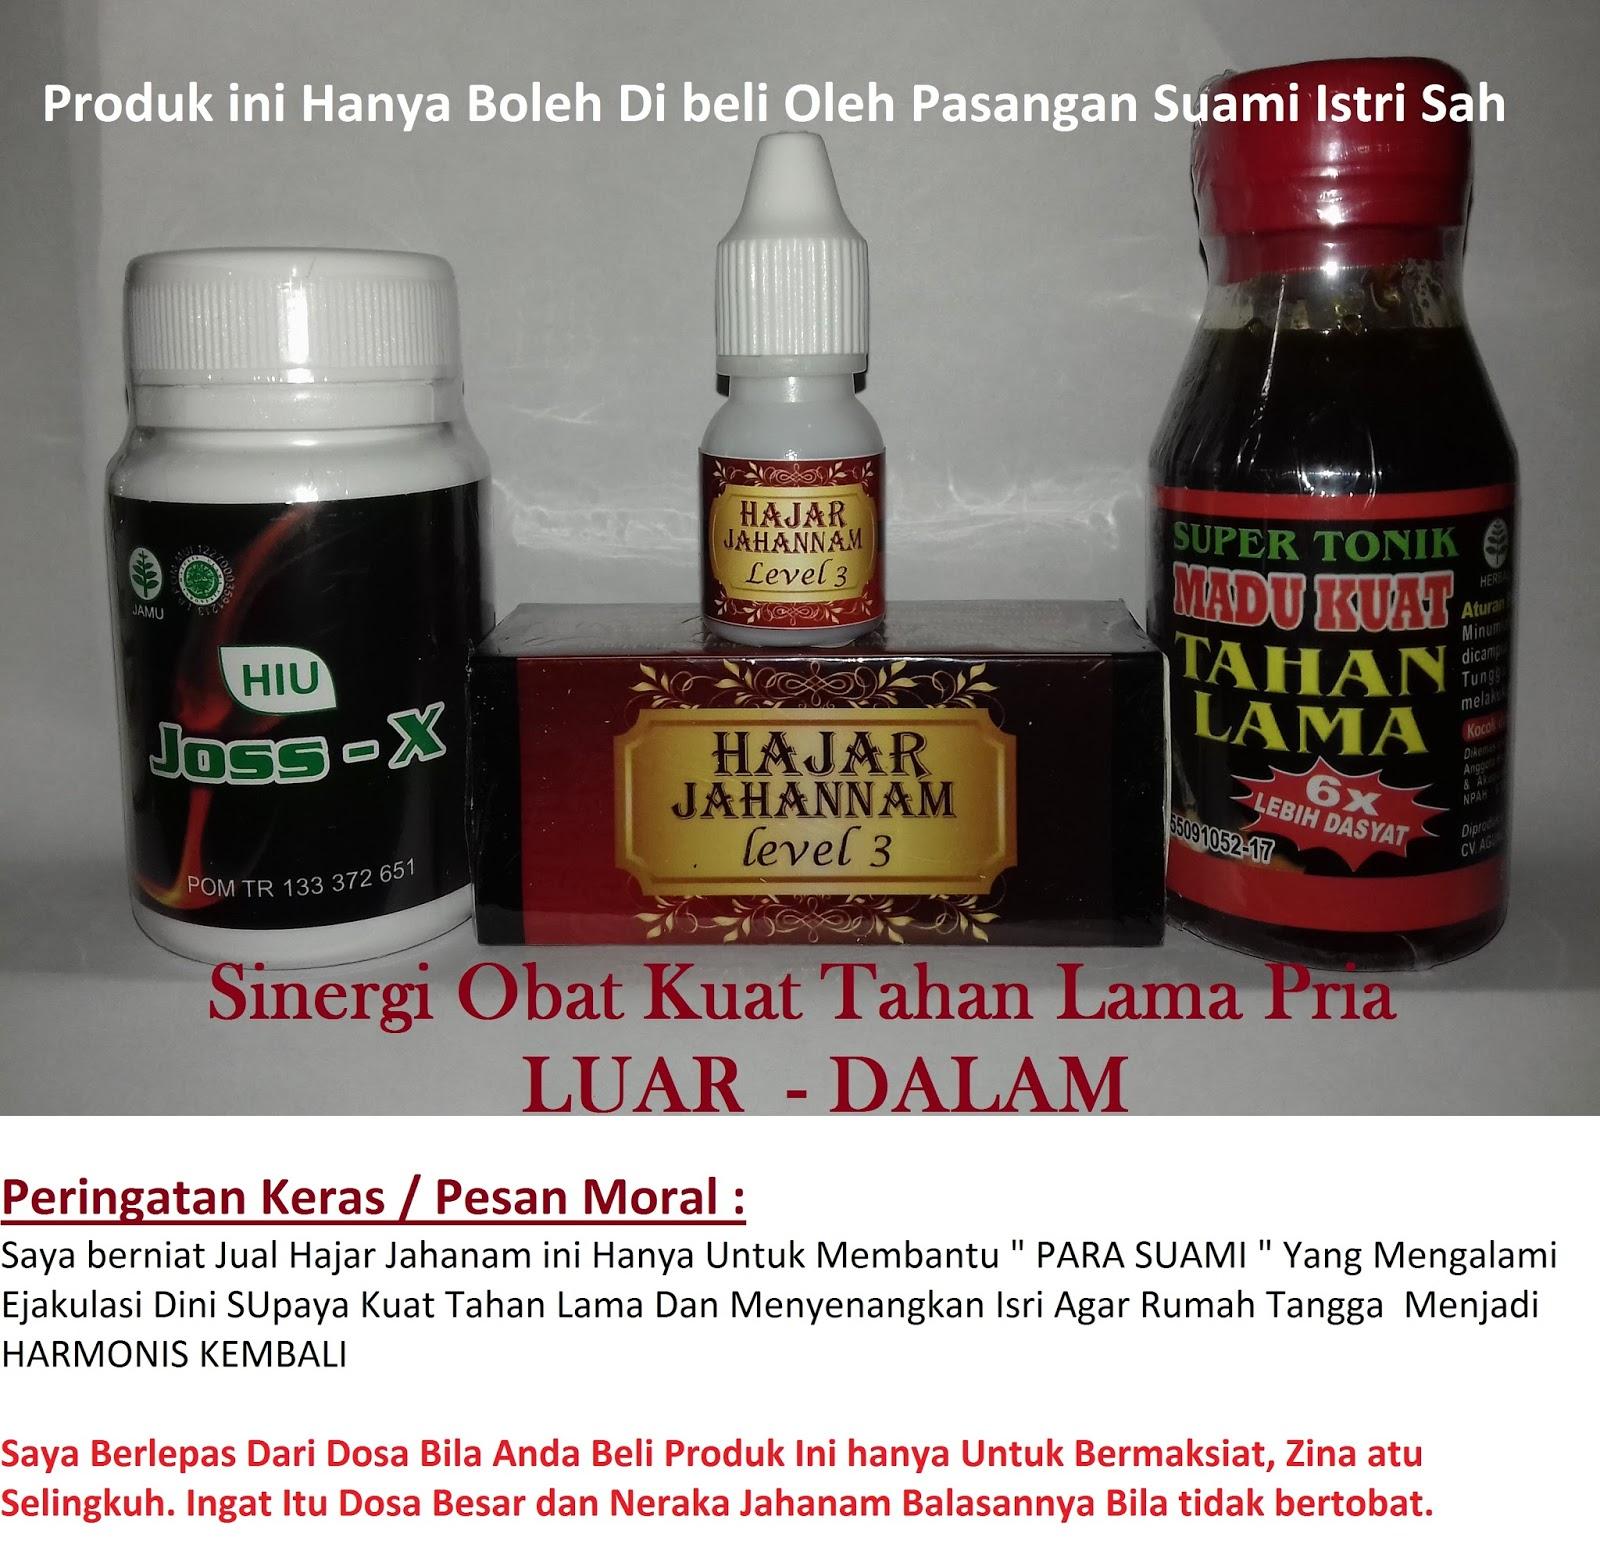 Obat Kuat Tahan Lama Herbal Tradisional: Herbal Madu Kuat Tahan Lama Supertonik 6 X Asli Ereksi